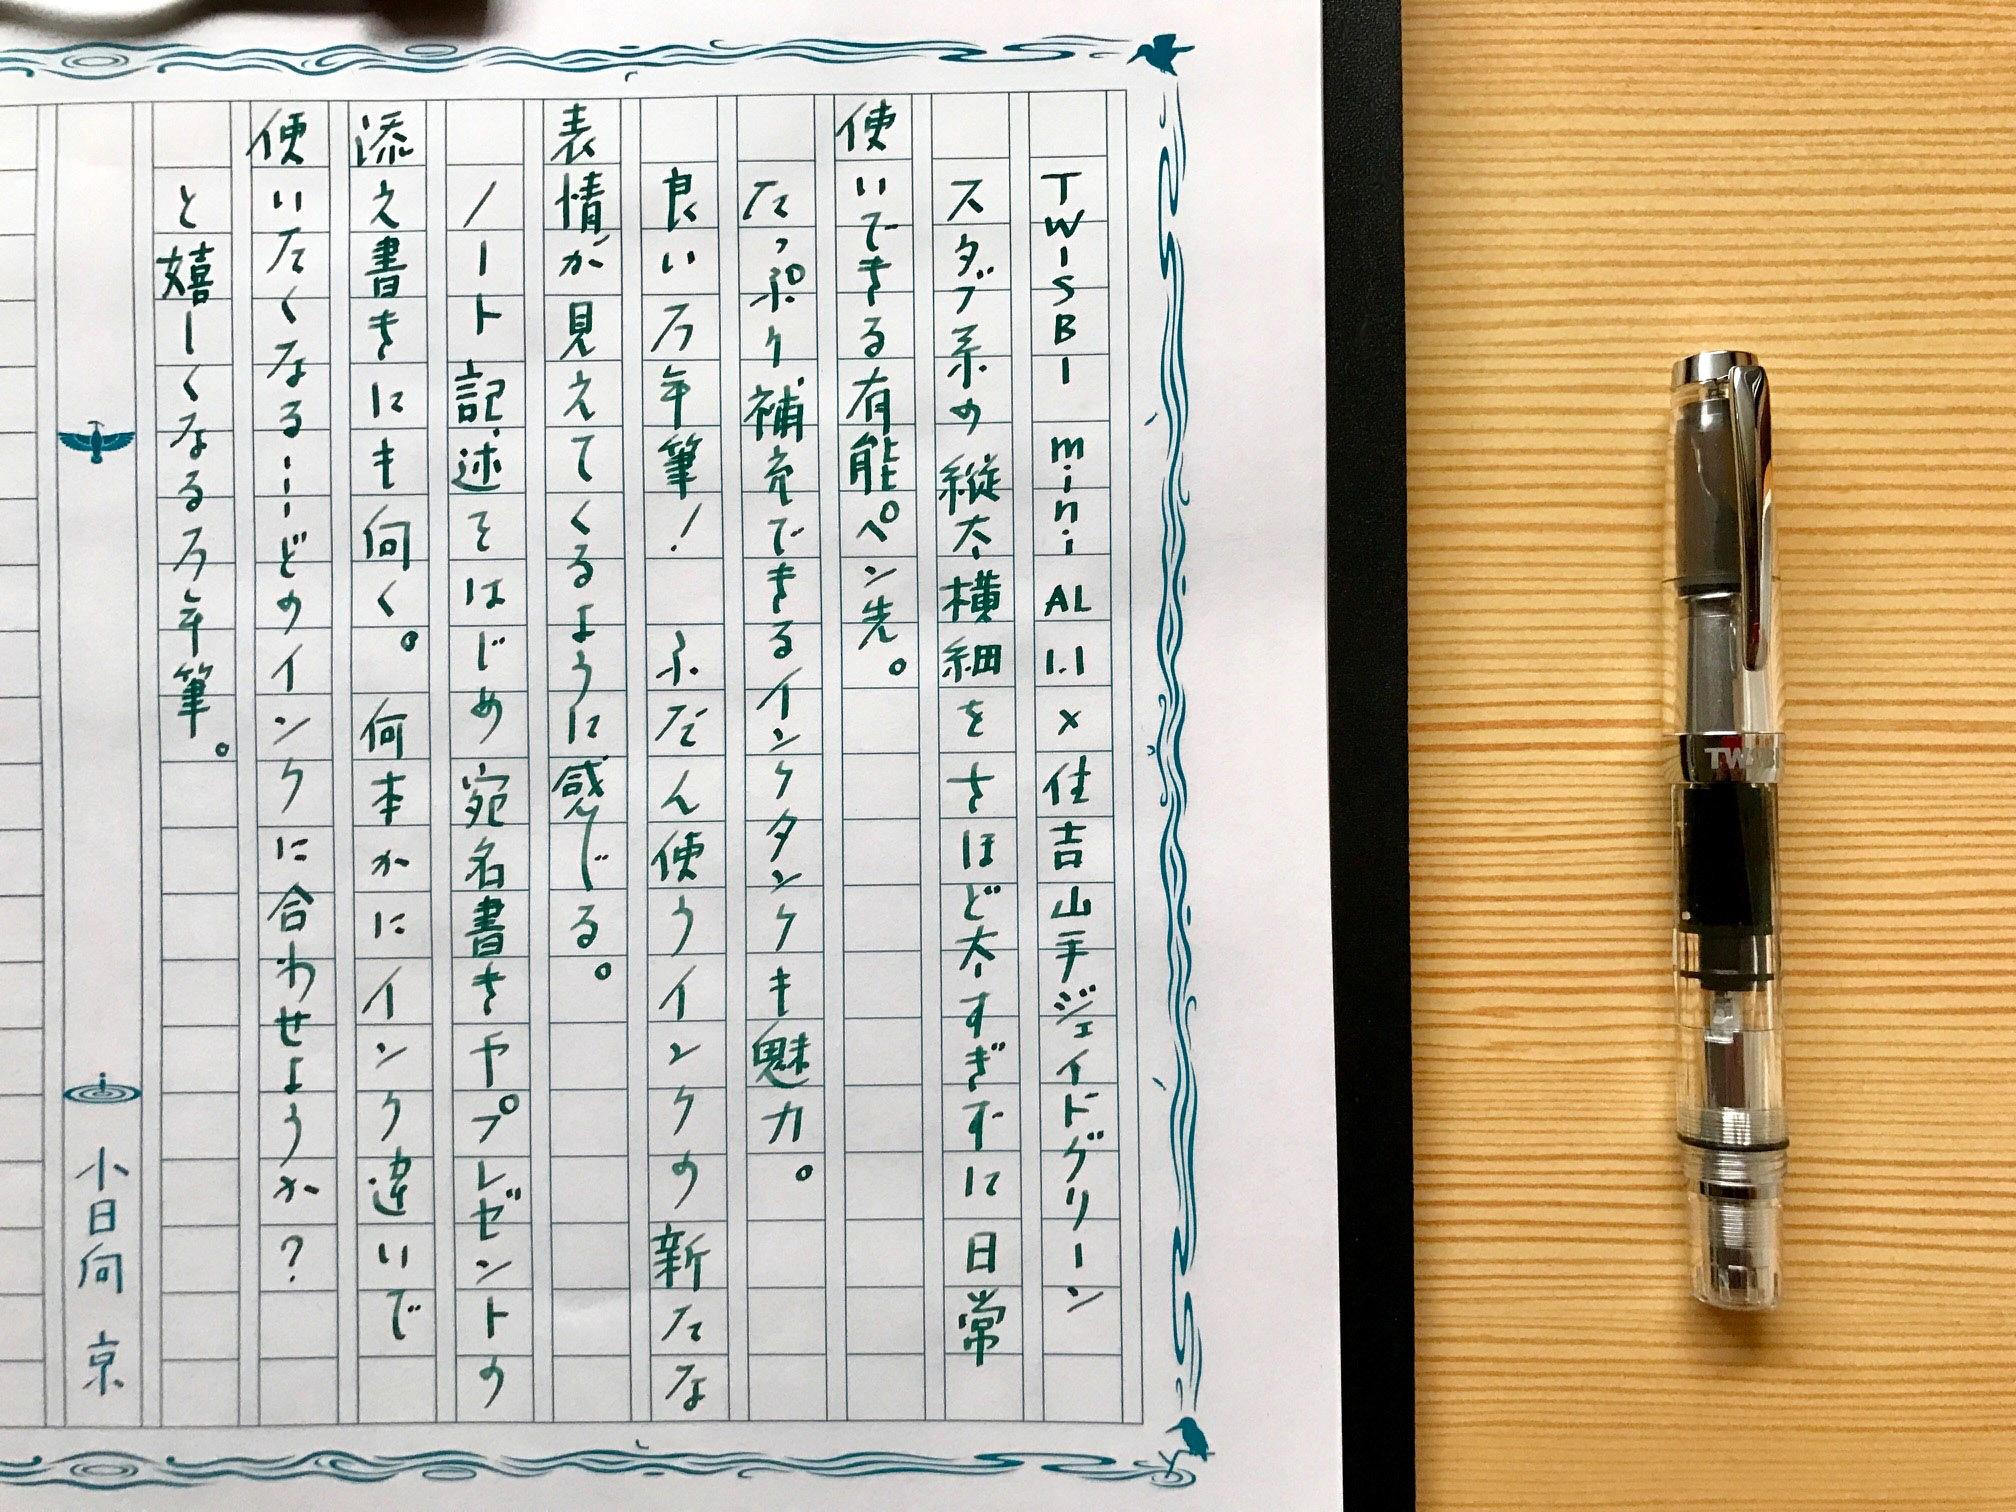 小日向京のひねもす文房具|第百二十七回「TWSBI ダイヤモンド ミニ AL 1.1 万年筆」